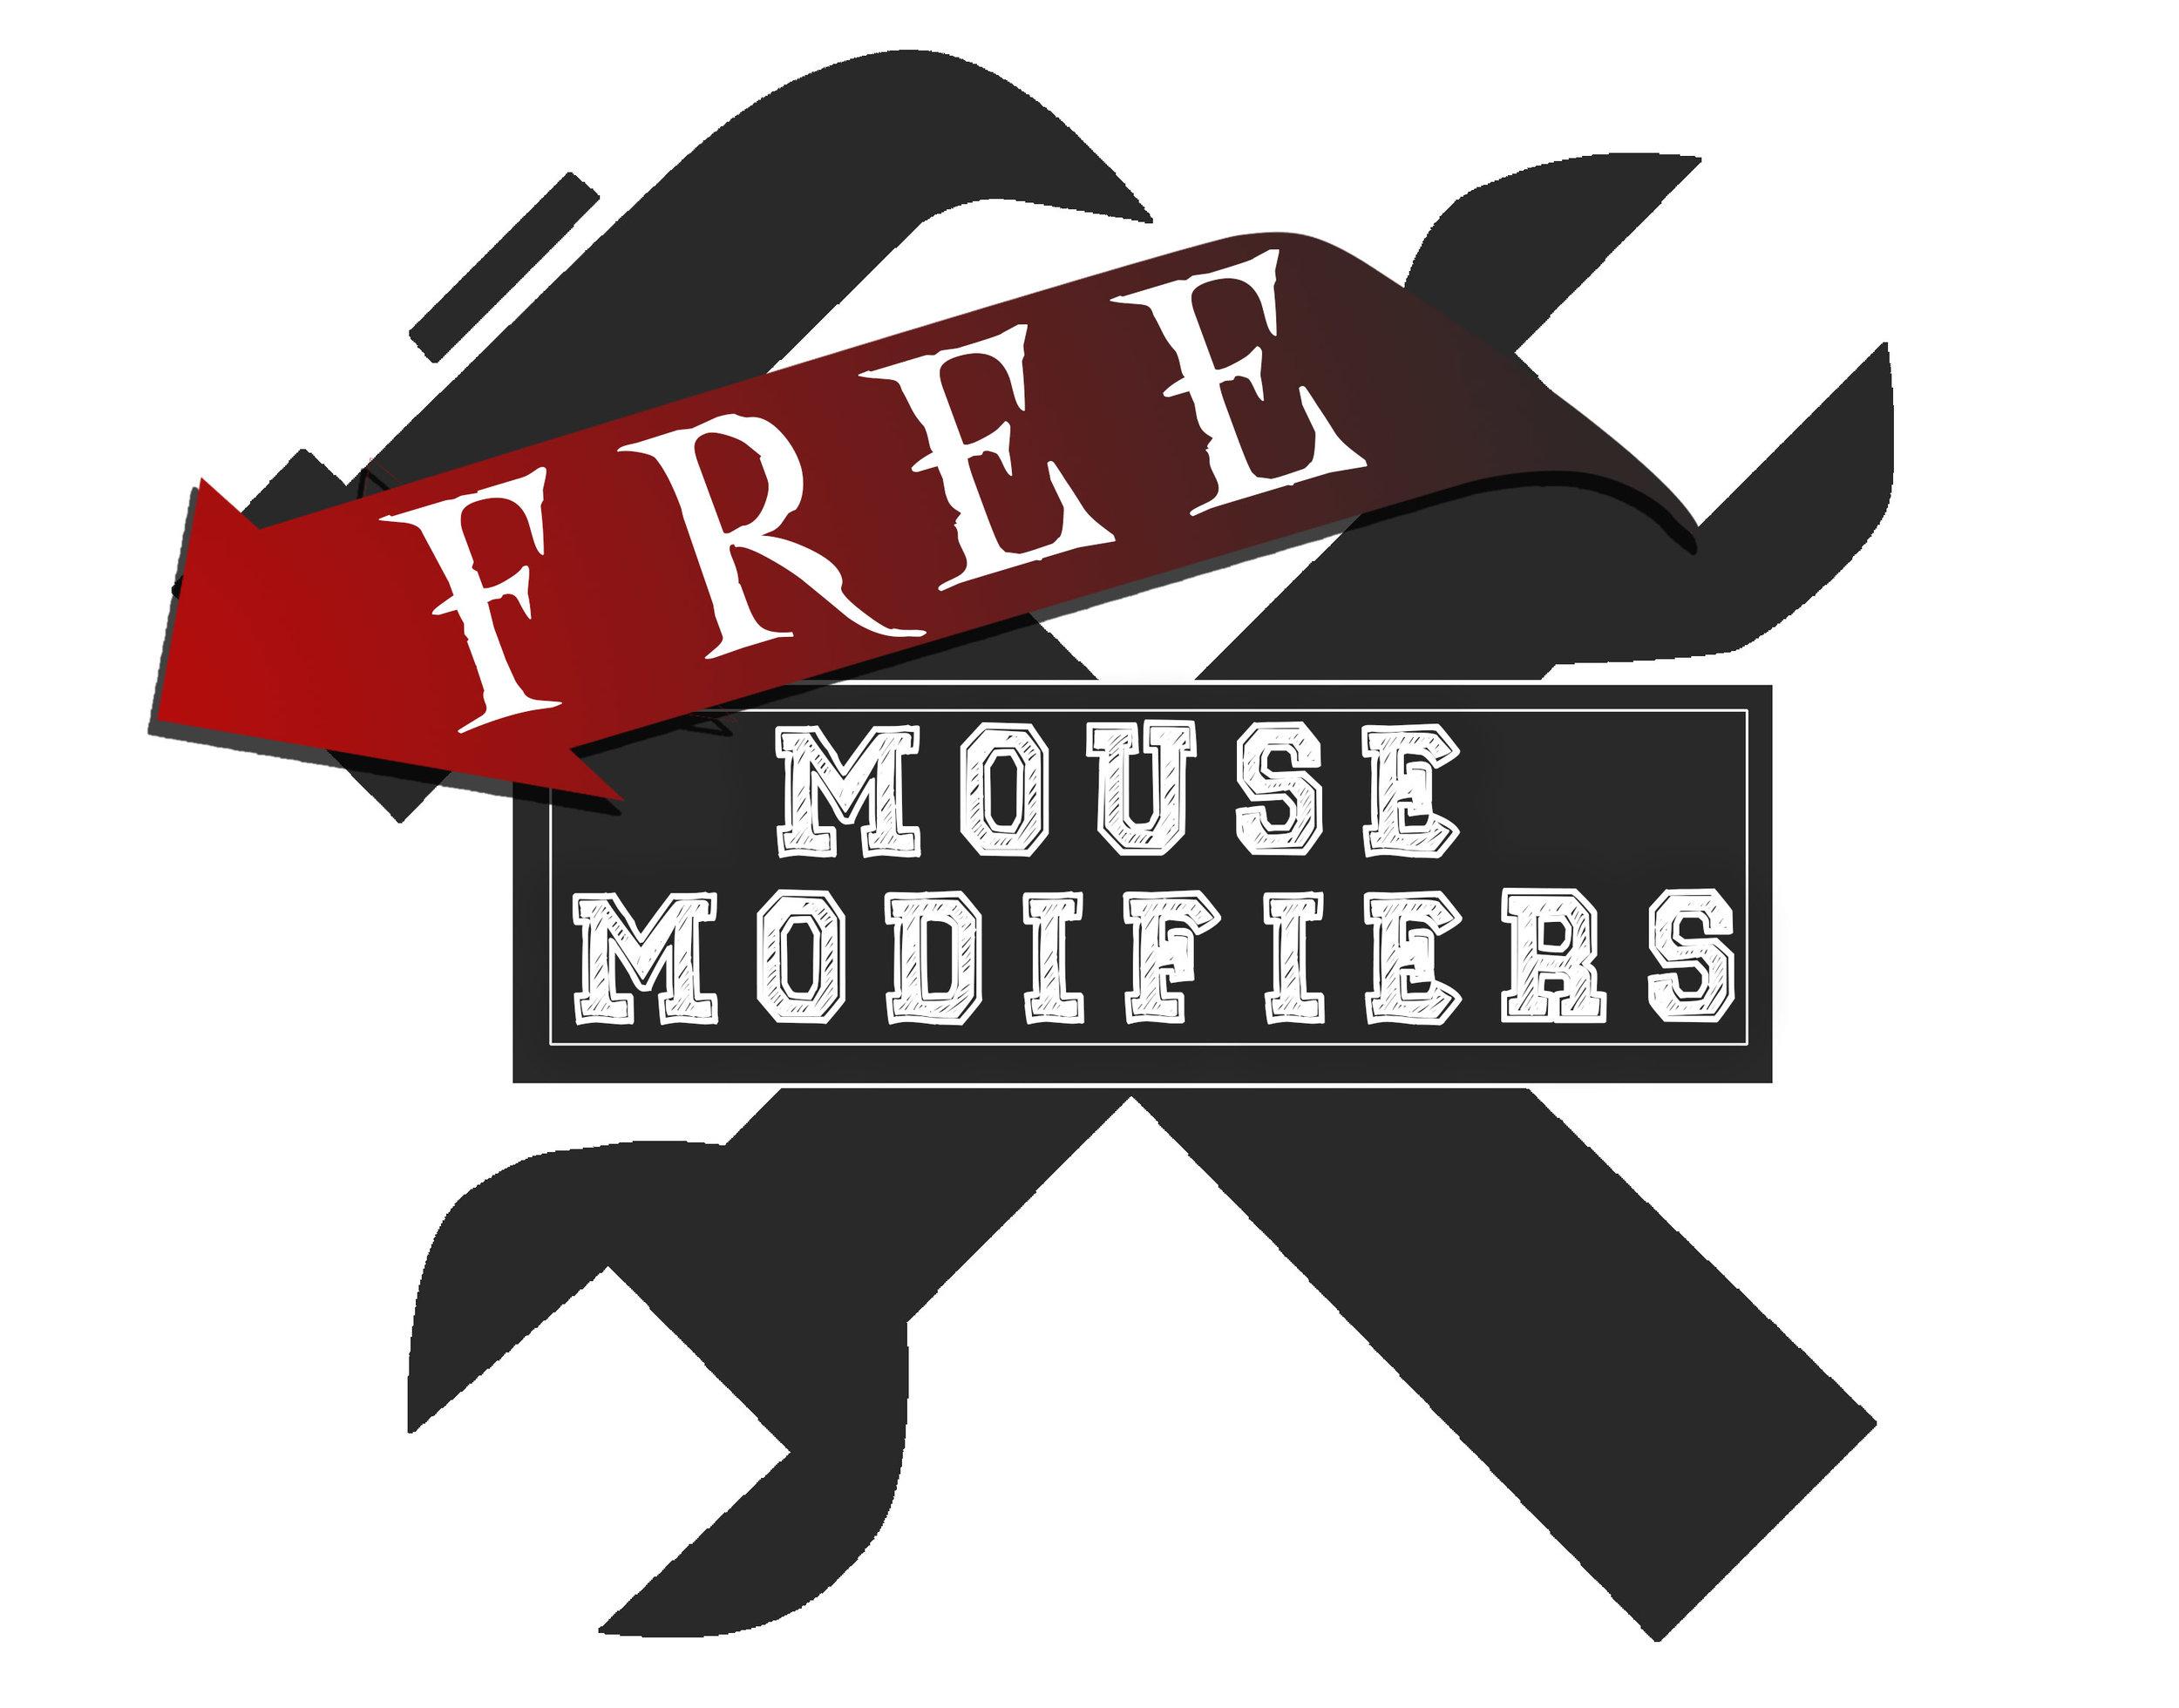 mousemodifires.jpg